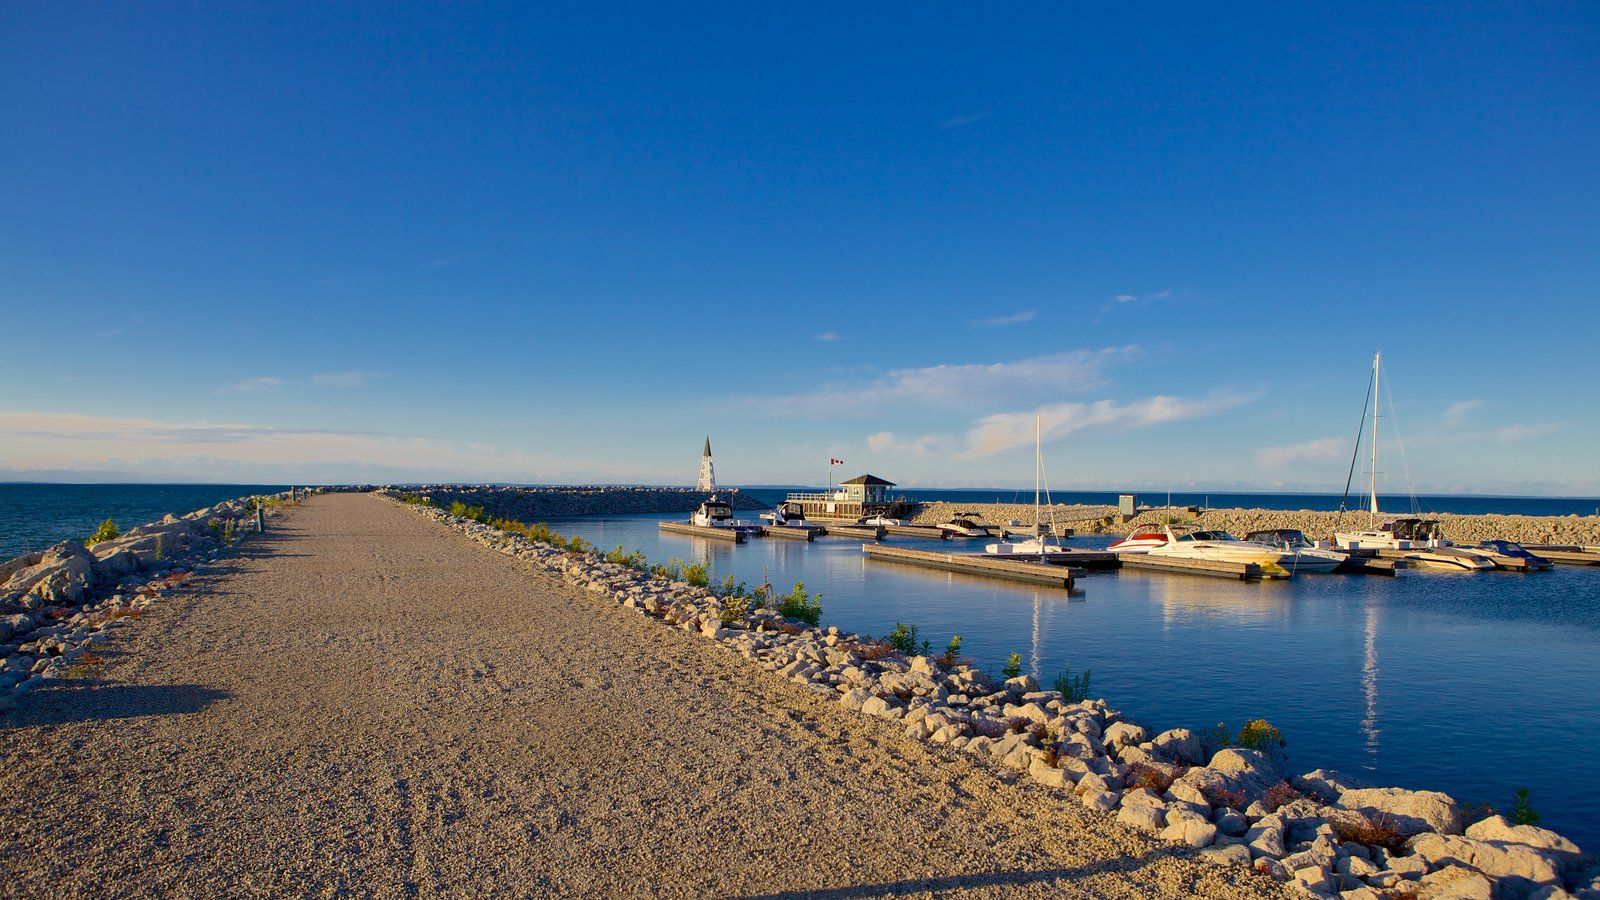 Collingwood que inclui uma baía ou porto